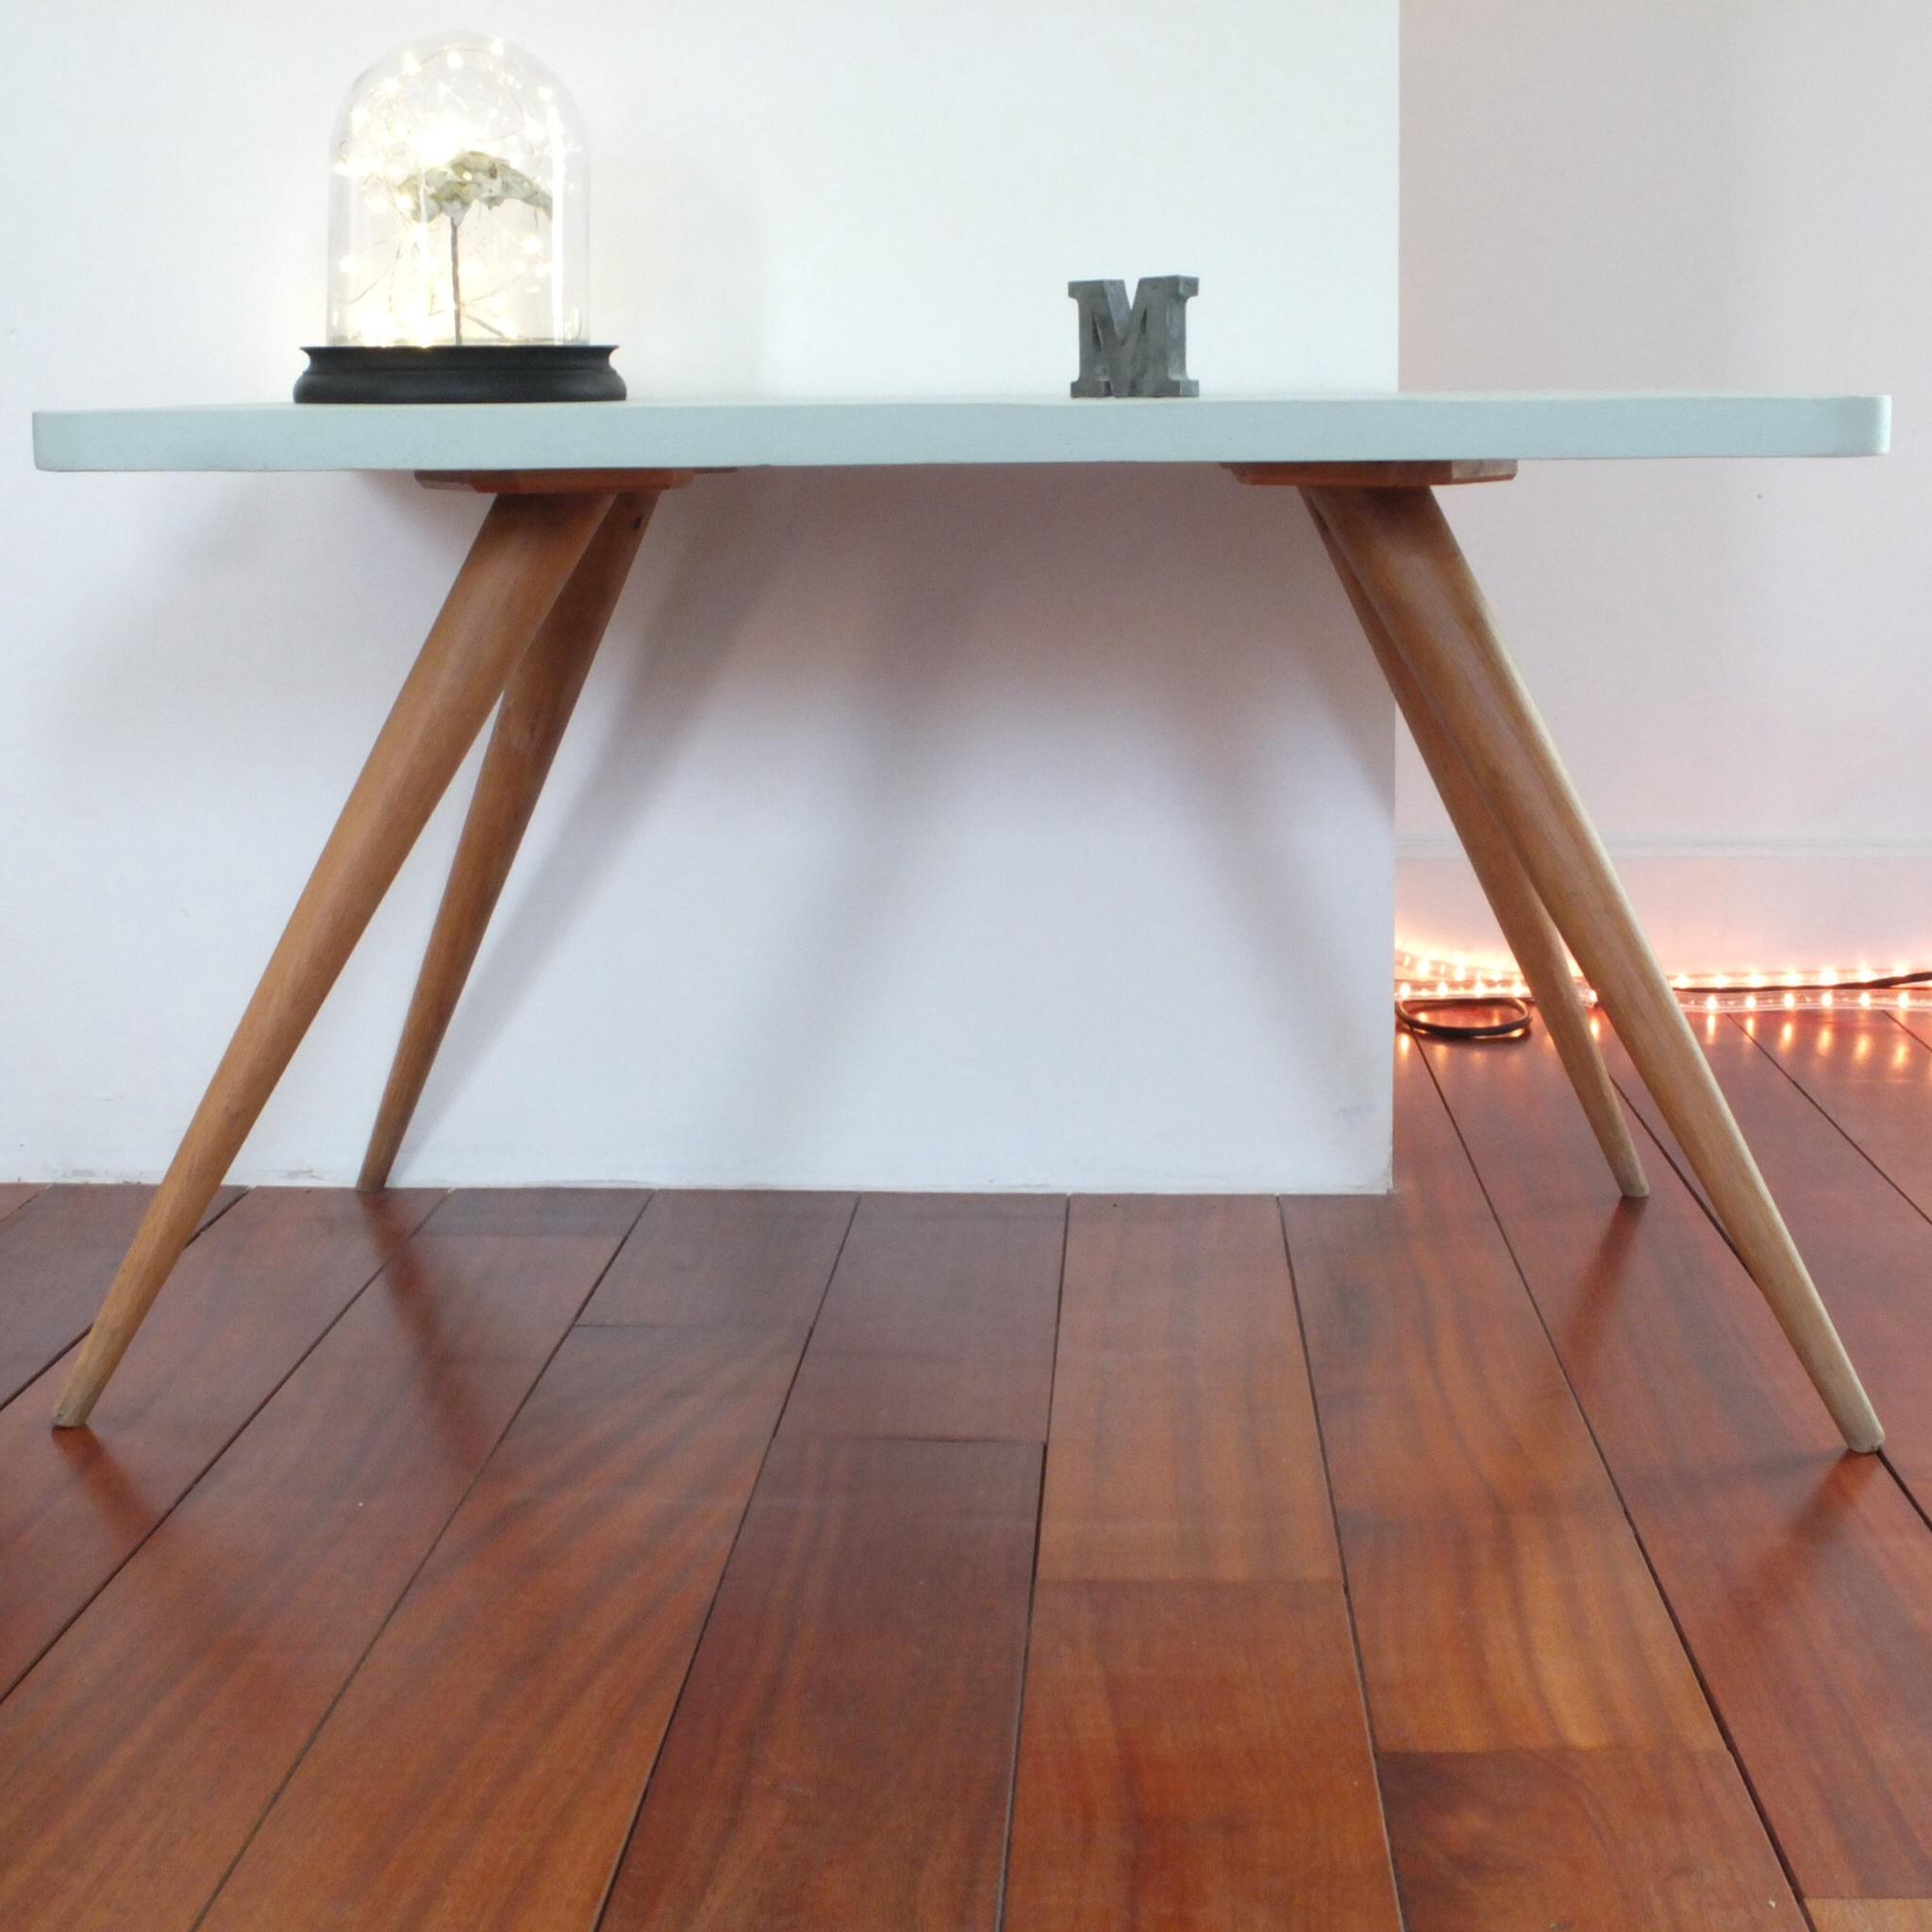 Table basse ann es 50 60 pieds compas vintage magic - Table basse pieds compas ...